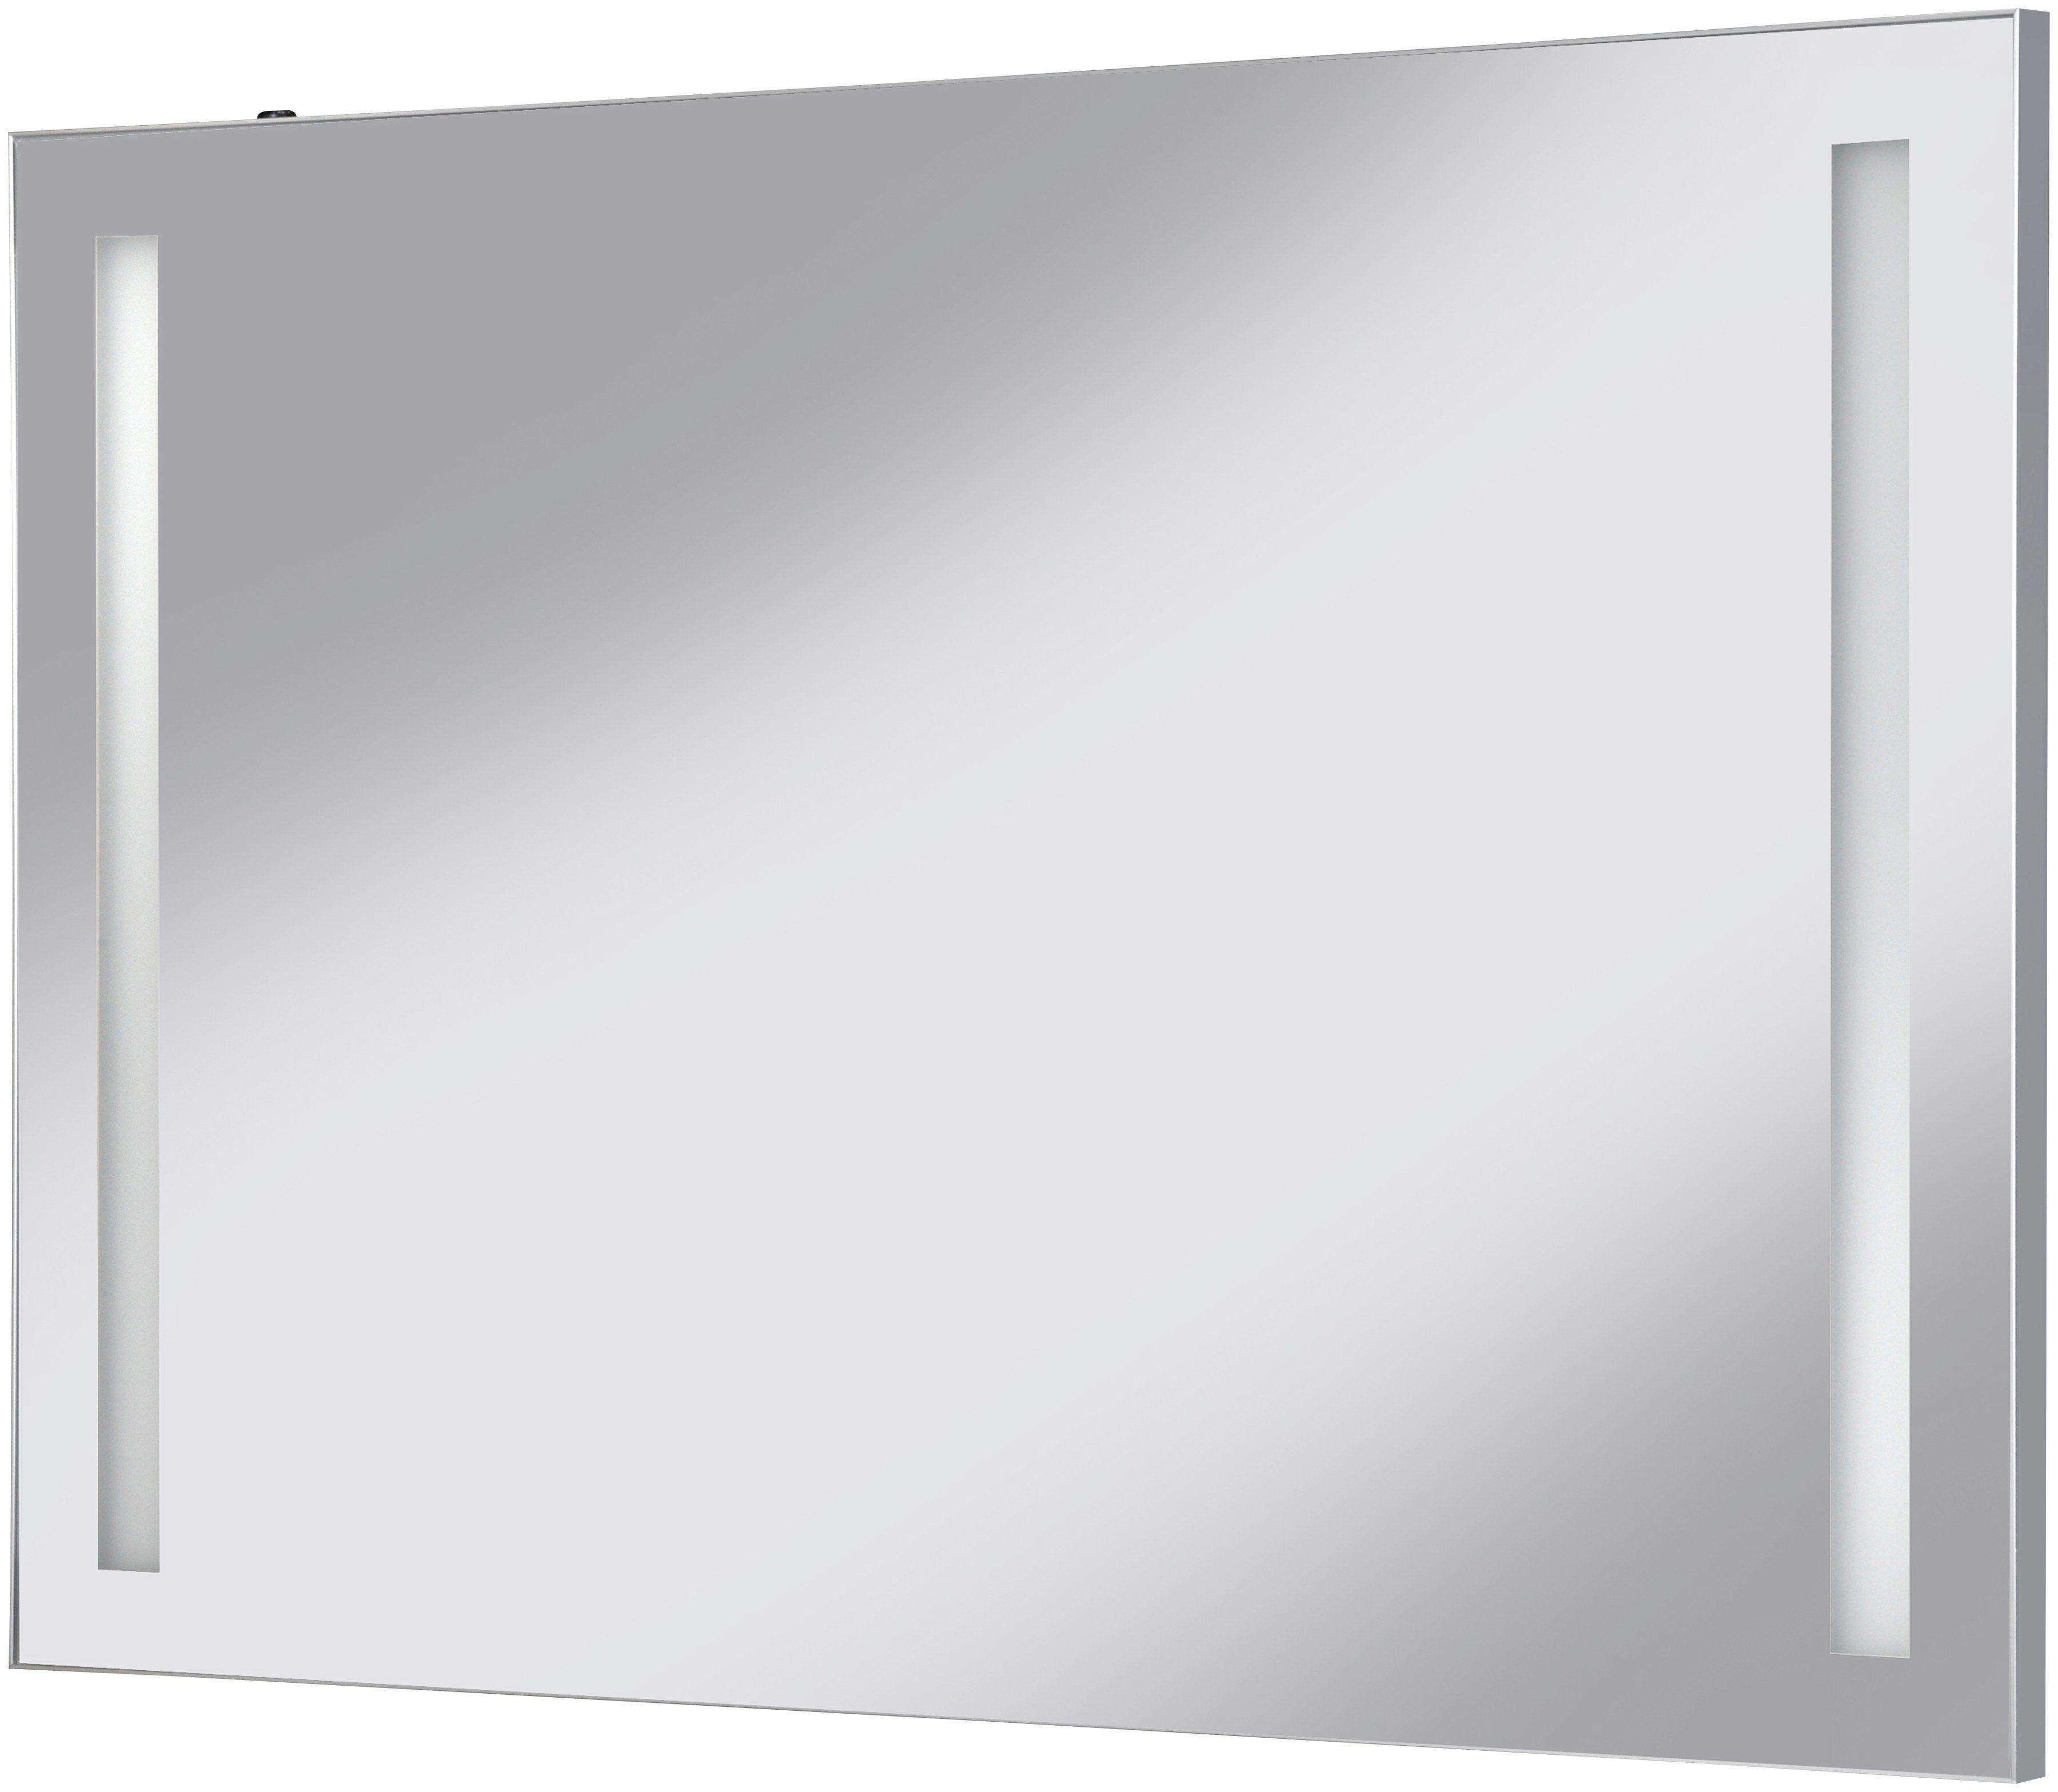 SCHILDMEYER Spiegelelement »Merle«, Breite 100 cm